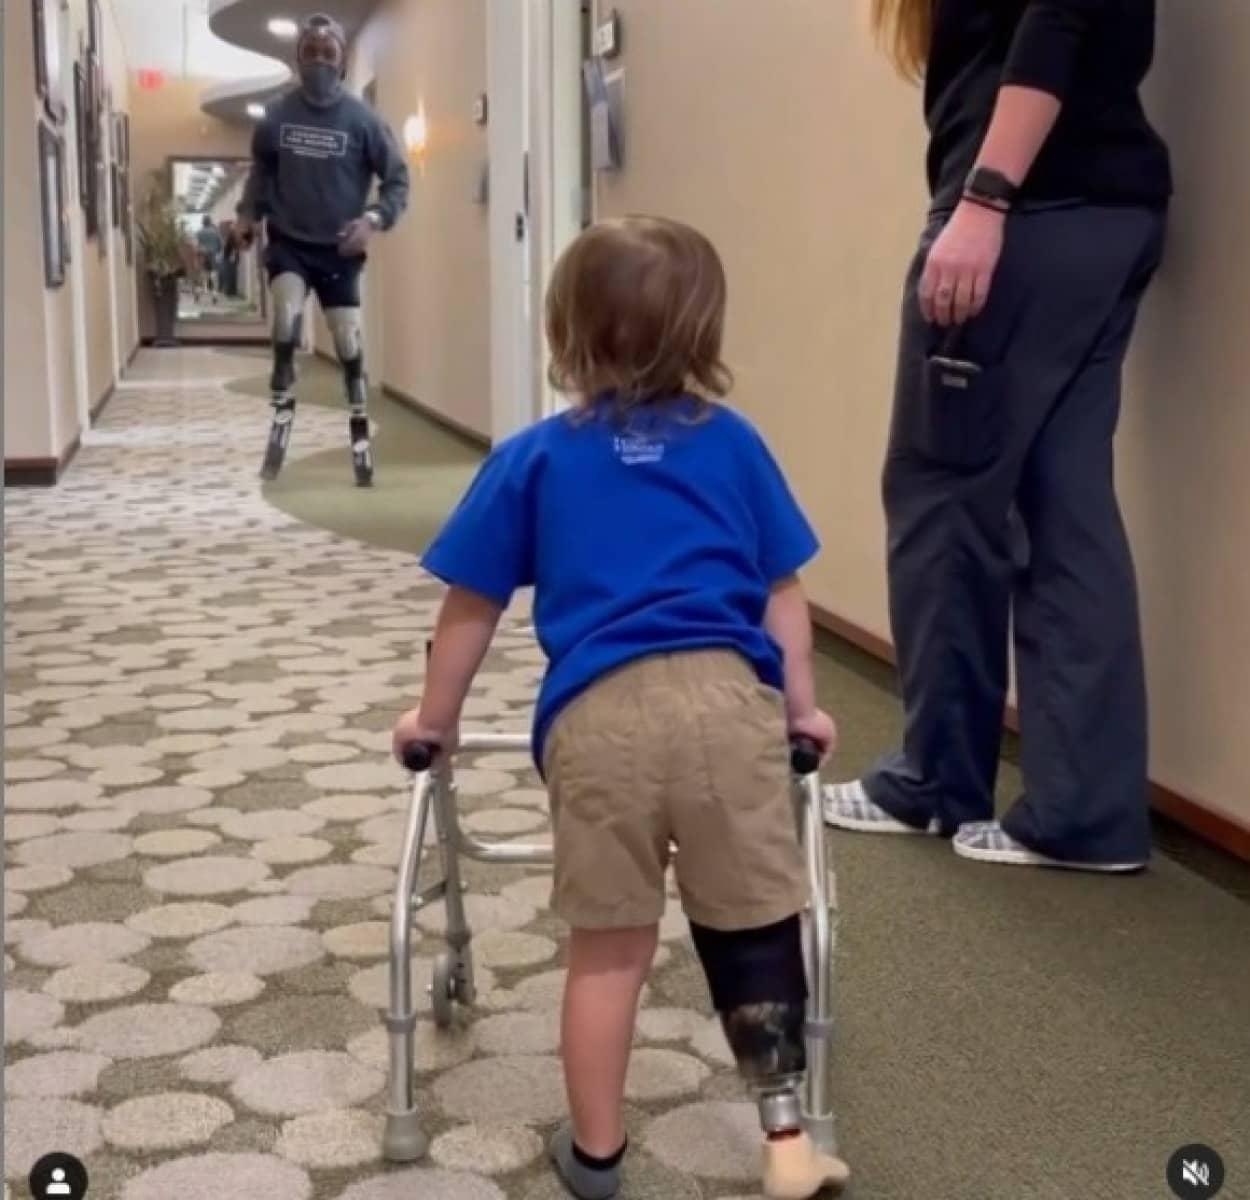 義足を付けて最初の一歩を踏み出す男の子